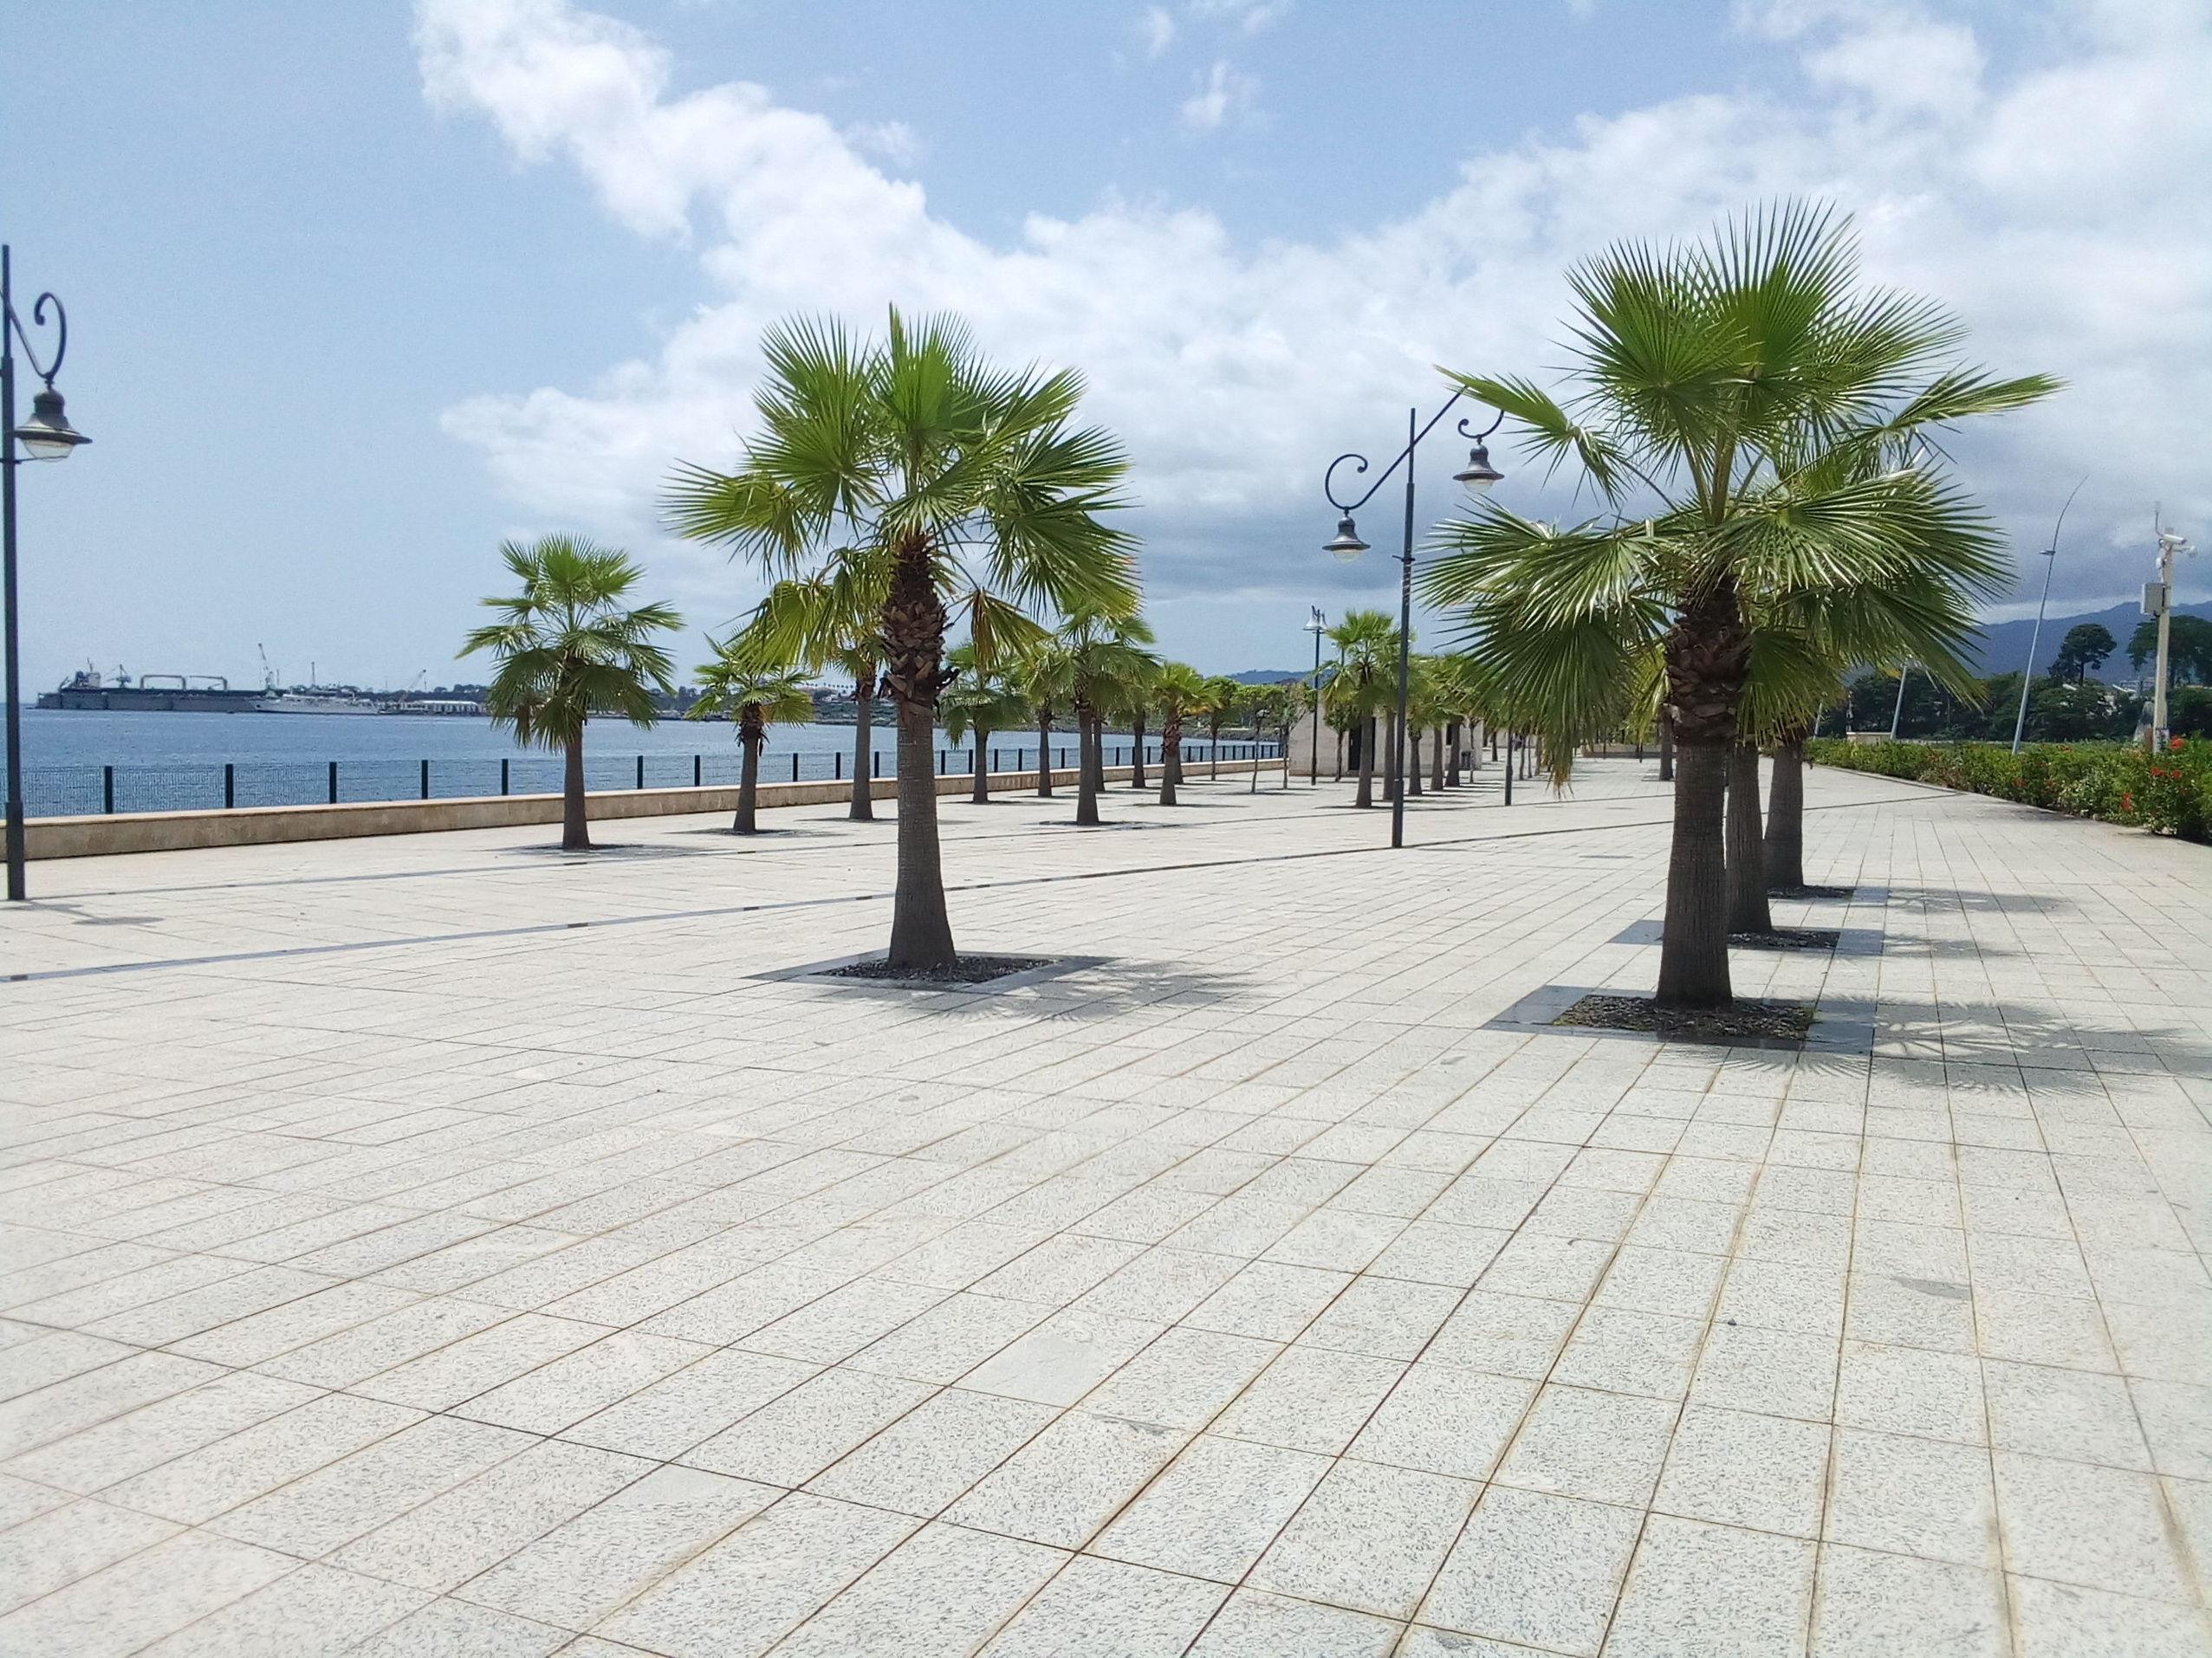 Le bord de mer de Malabo, localement appelé «Paseo Maritimo»